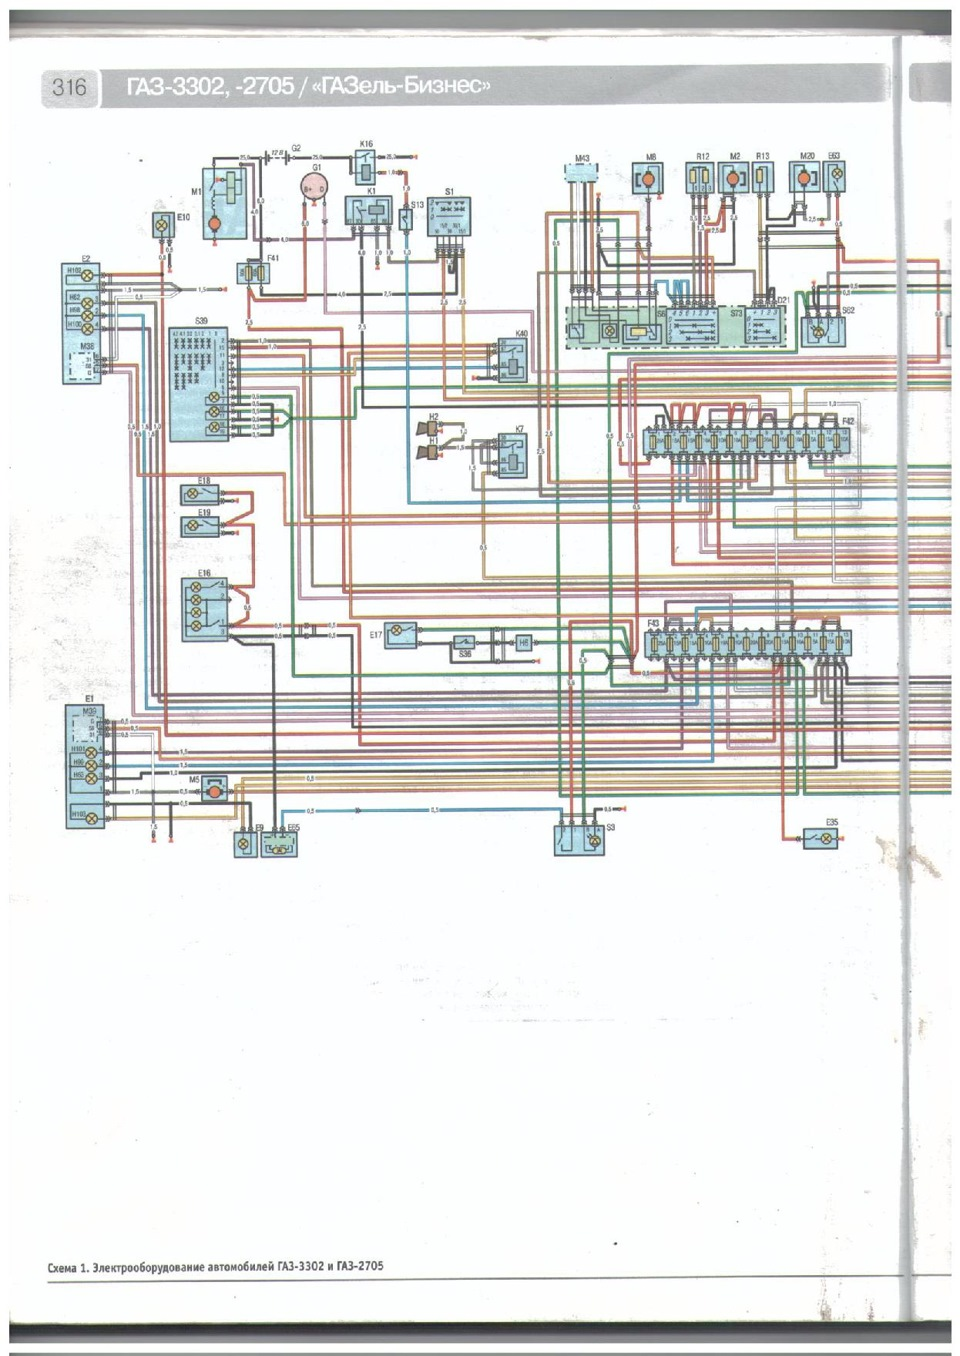 Электрическая схема для змз 402